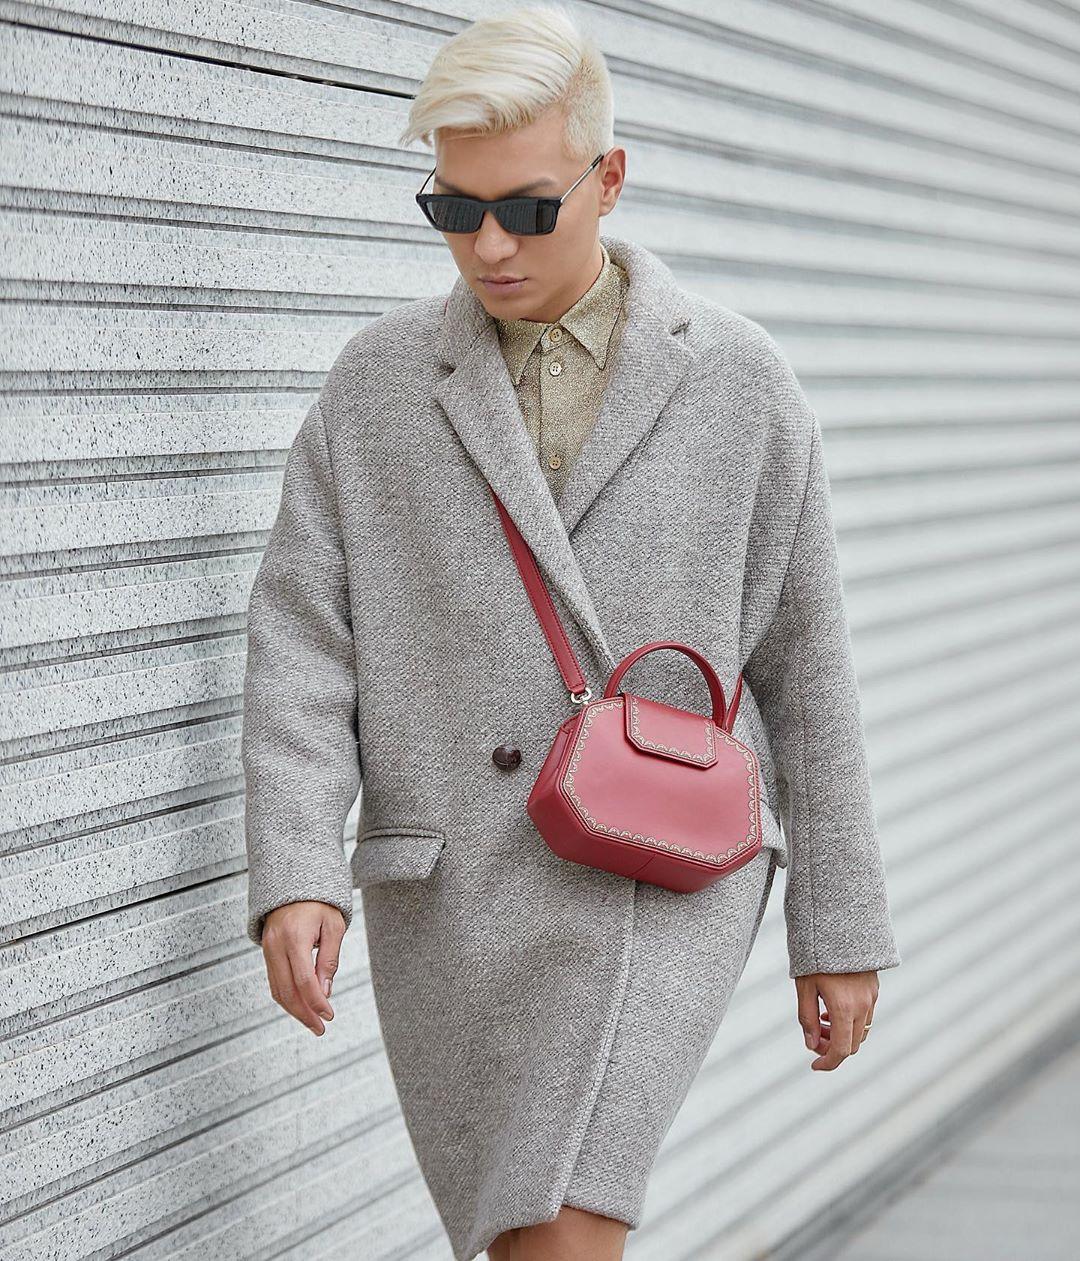 fashionista Bryanboy